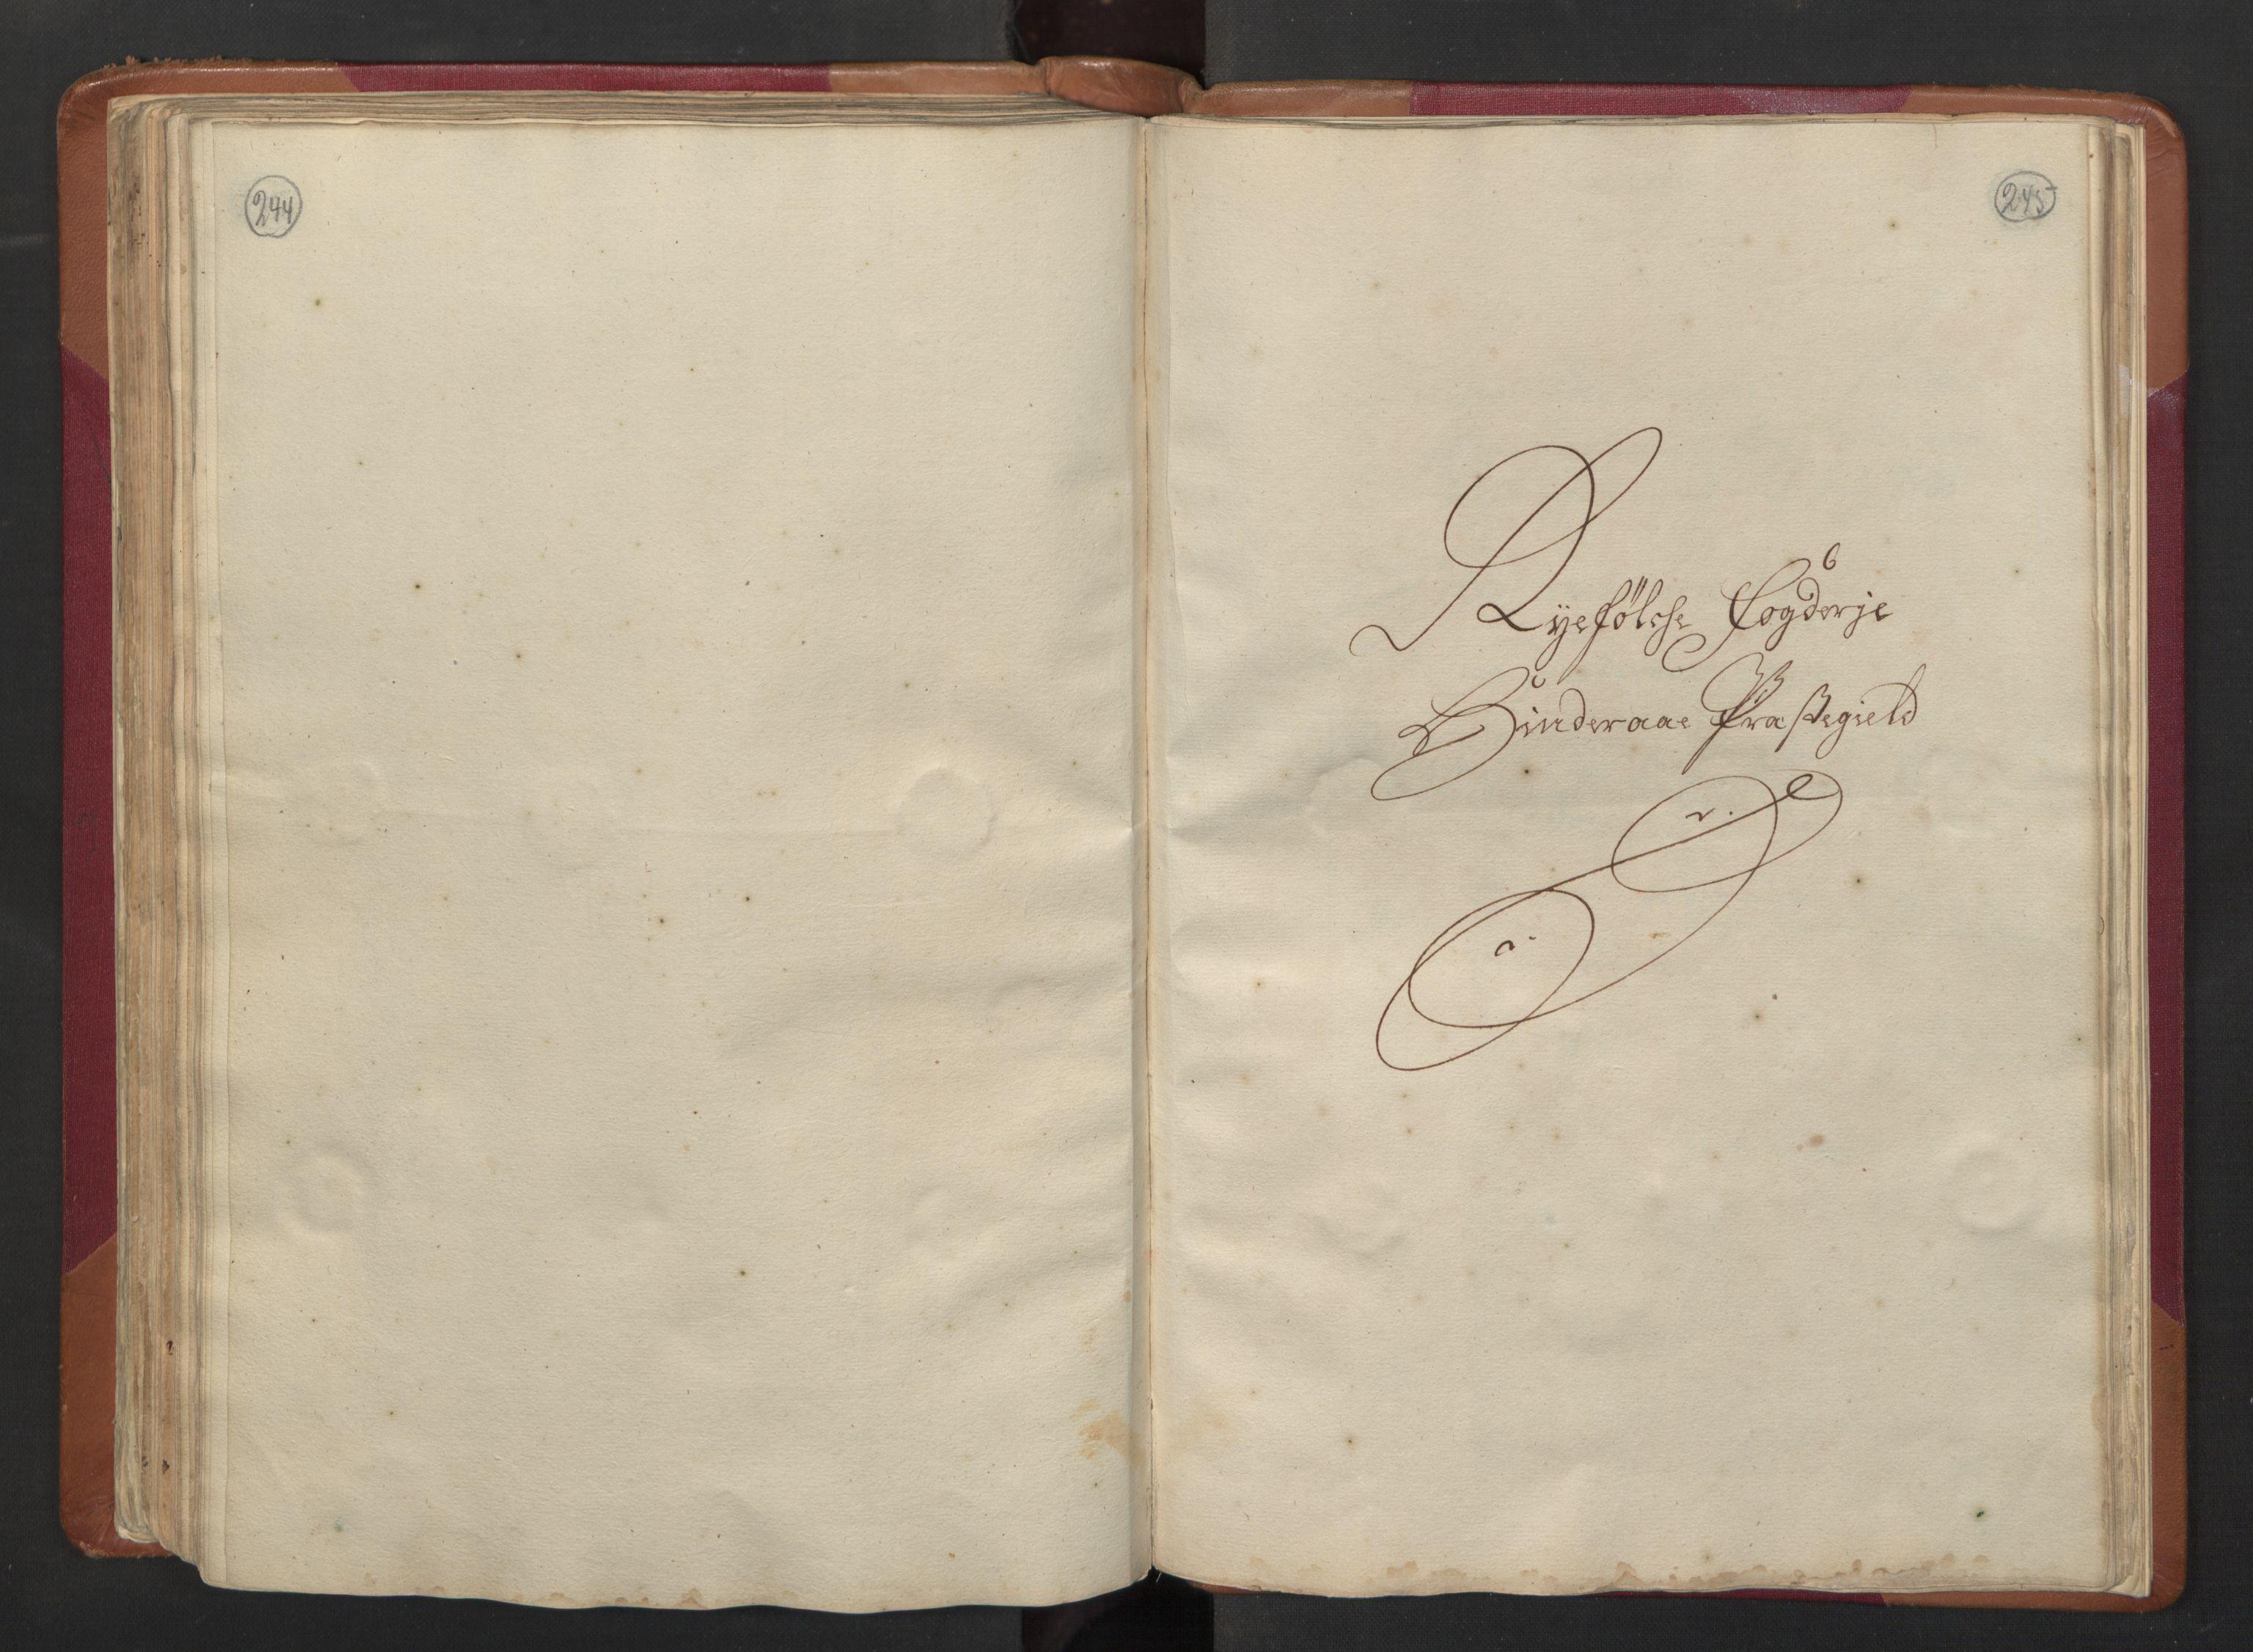 RA, Manntallet 1701, nr. 5: Ryfylke fogderi, 1701, s. 244-245